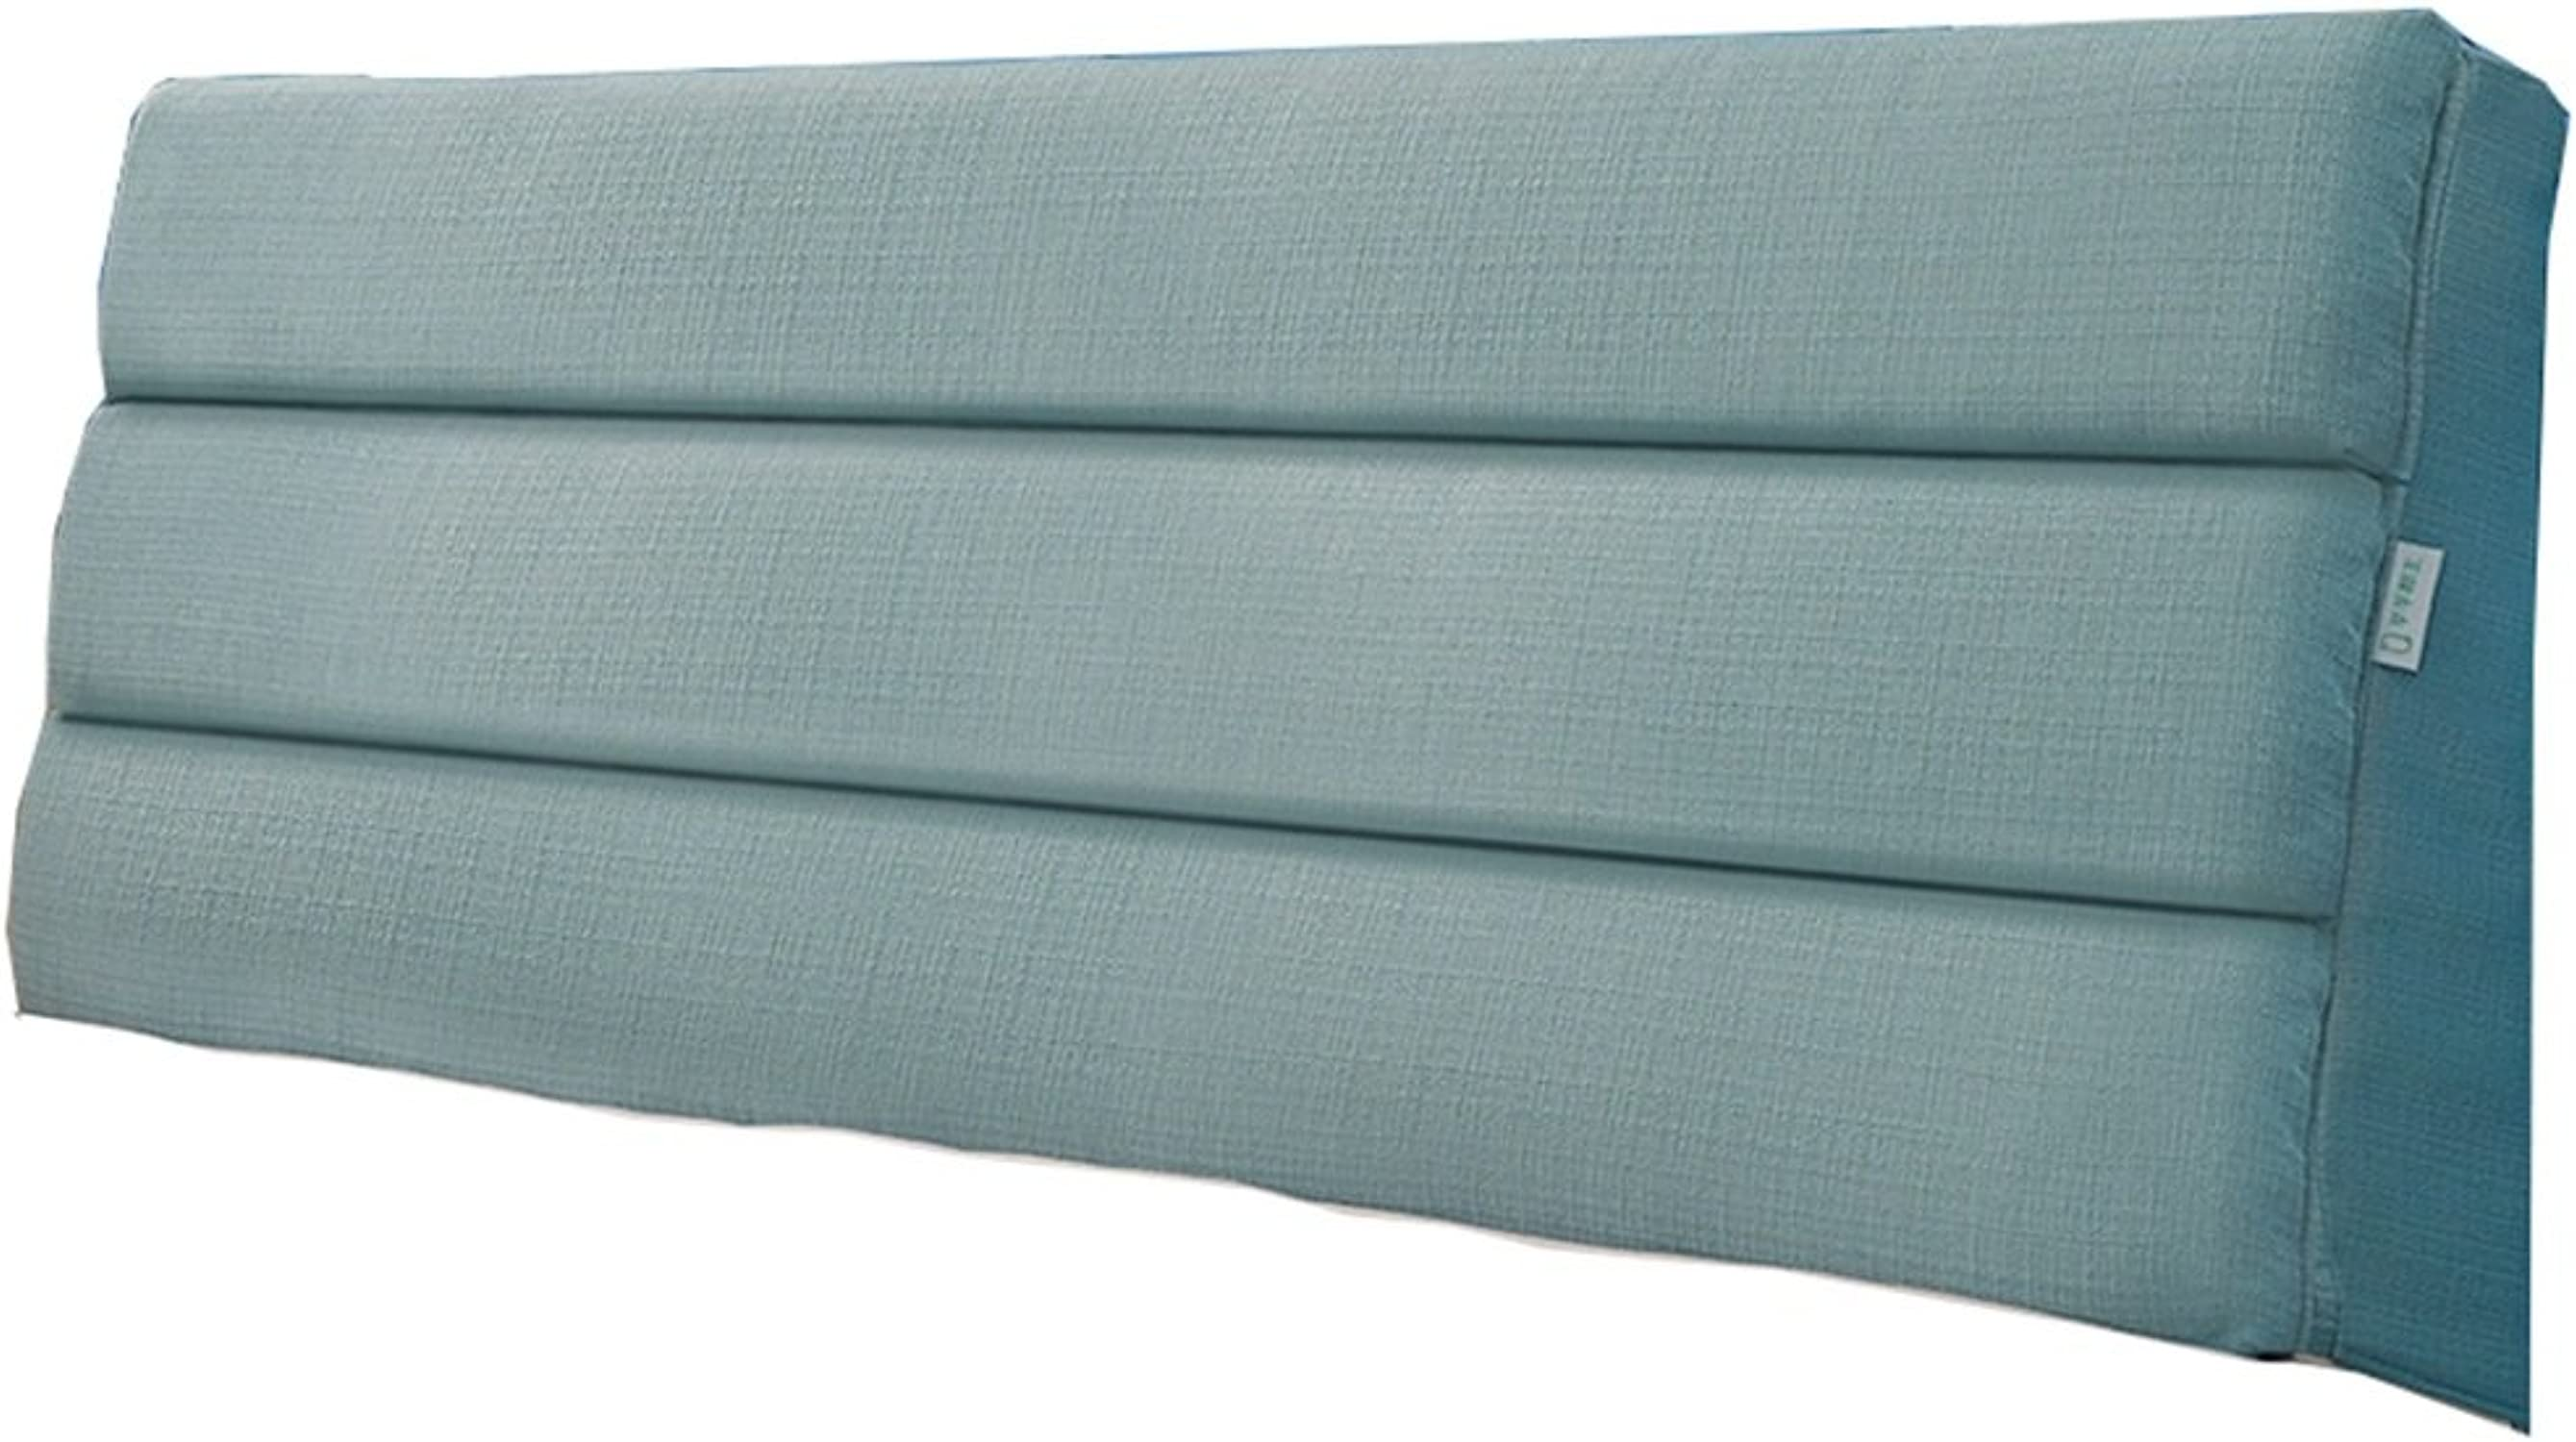 Grand coussin lit doux pack lit double taille retour tissu de lin oreiller adapté pour le lit avec tête de lit 6 couleurs 4 tailles 60 cm de hauteur (Couleur   Cyan-bleu, taille   200  5  60cm)